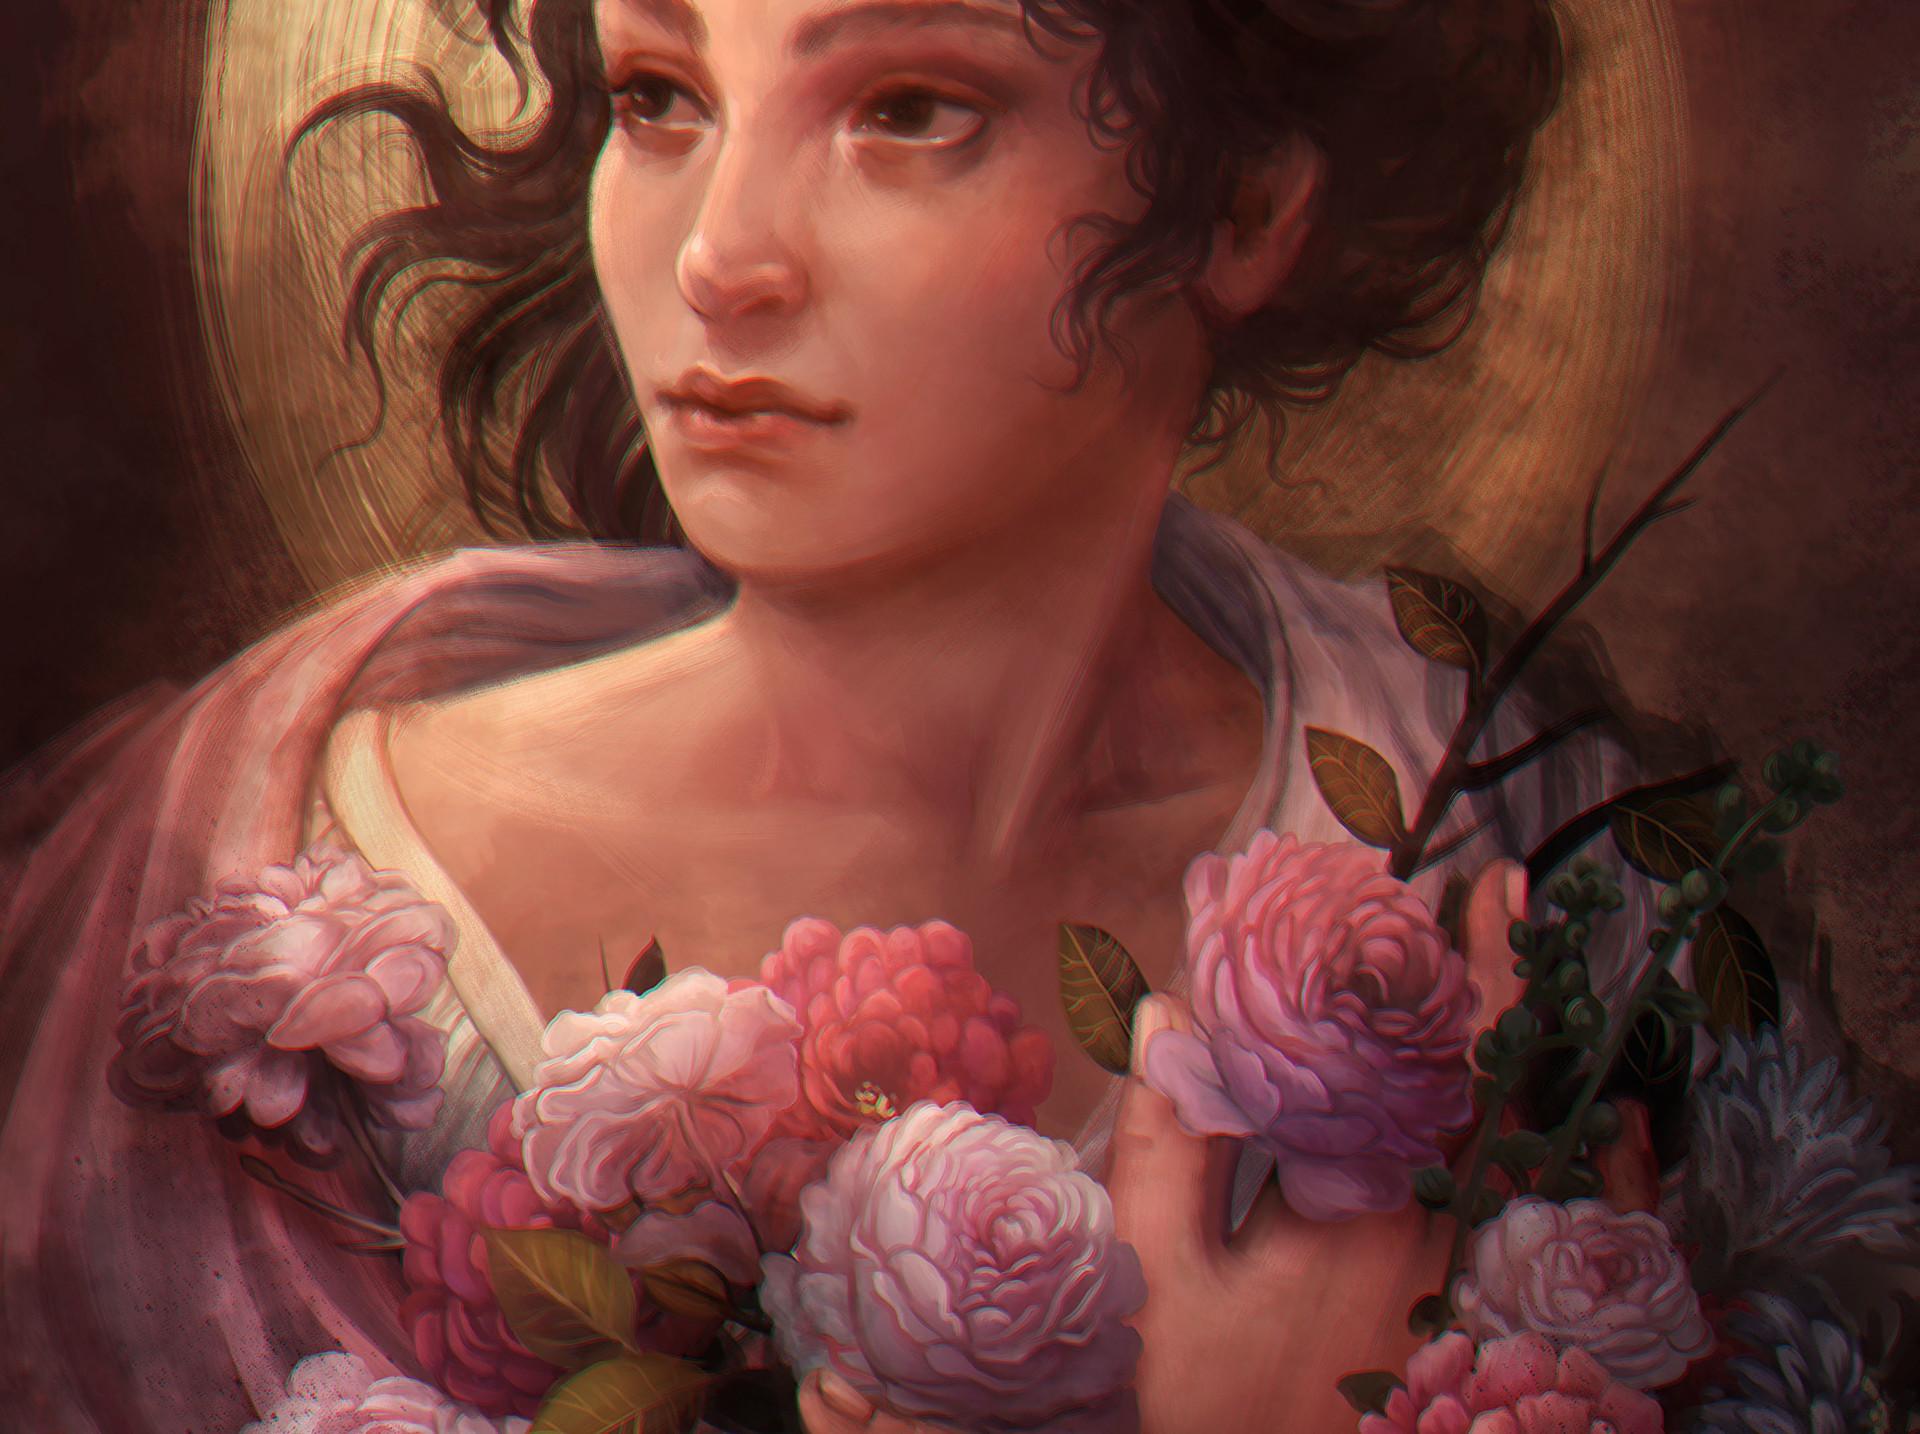 Lourdes saraiva portrait female1